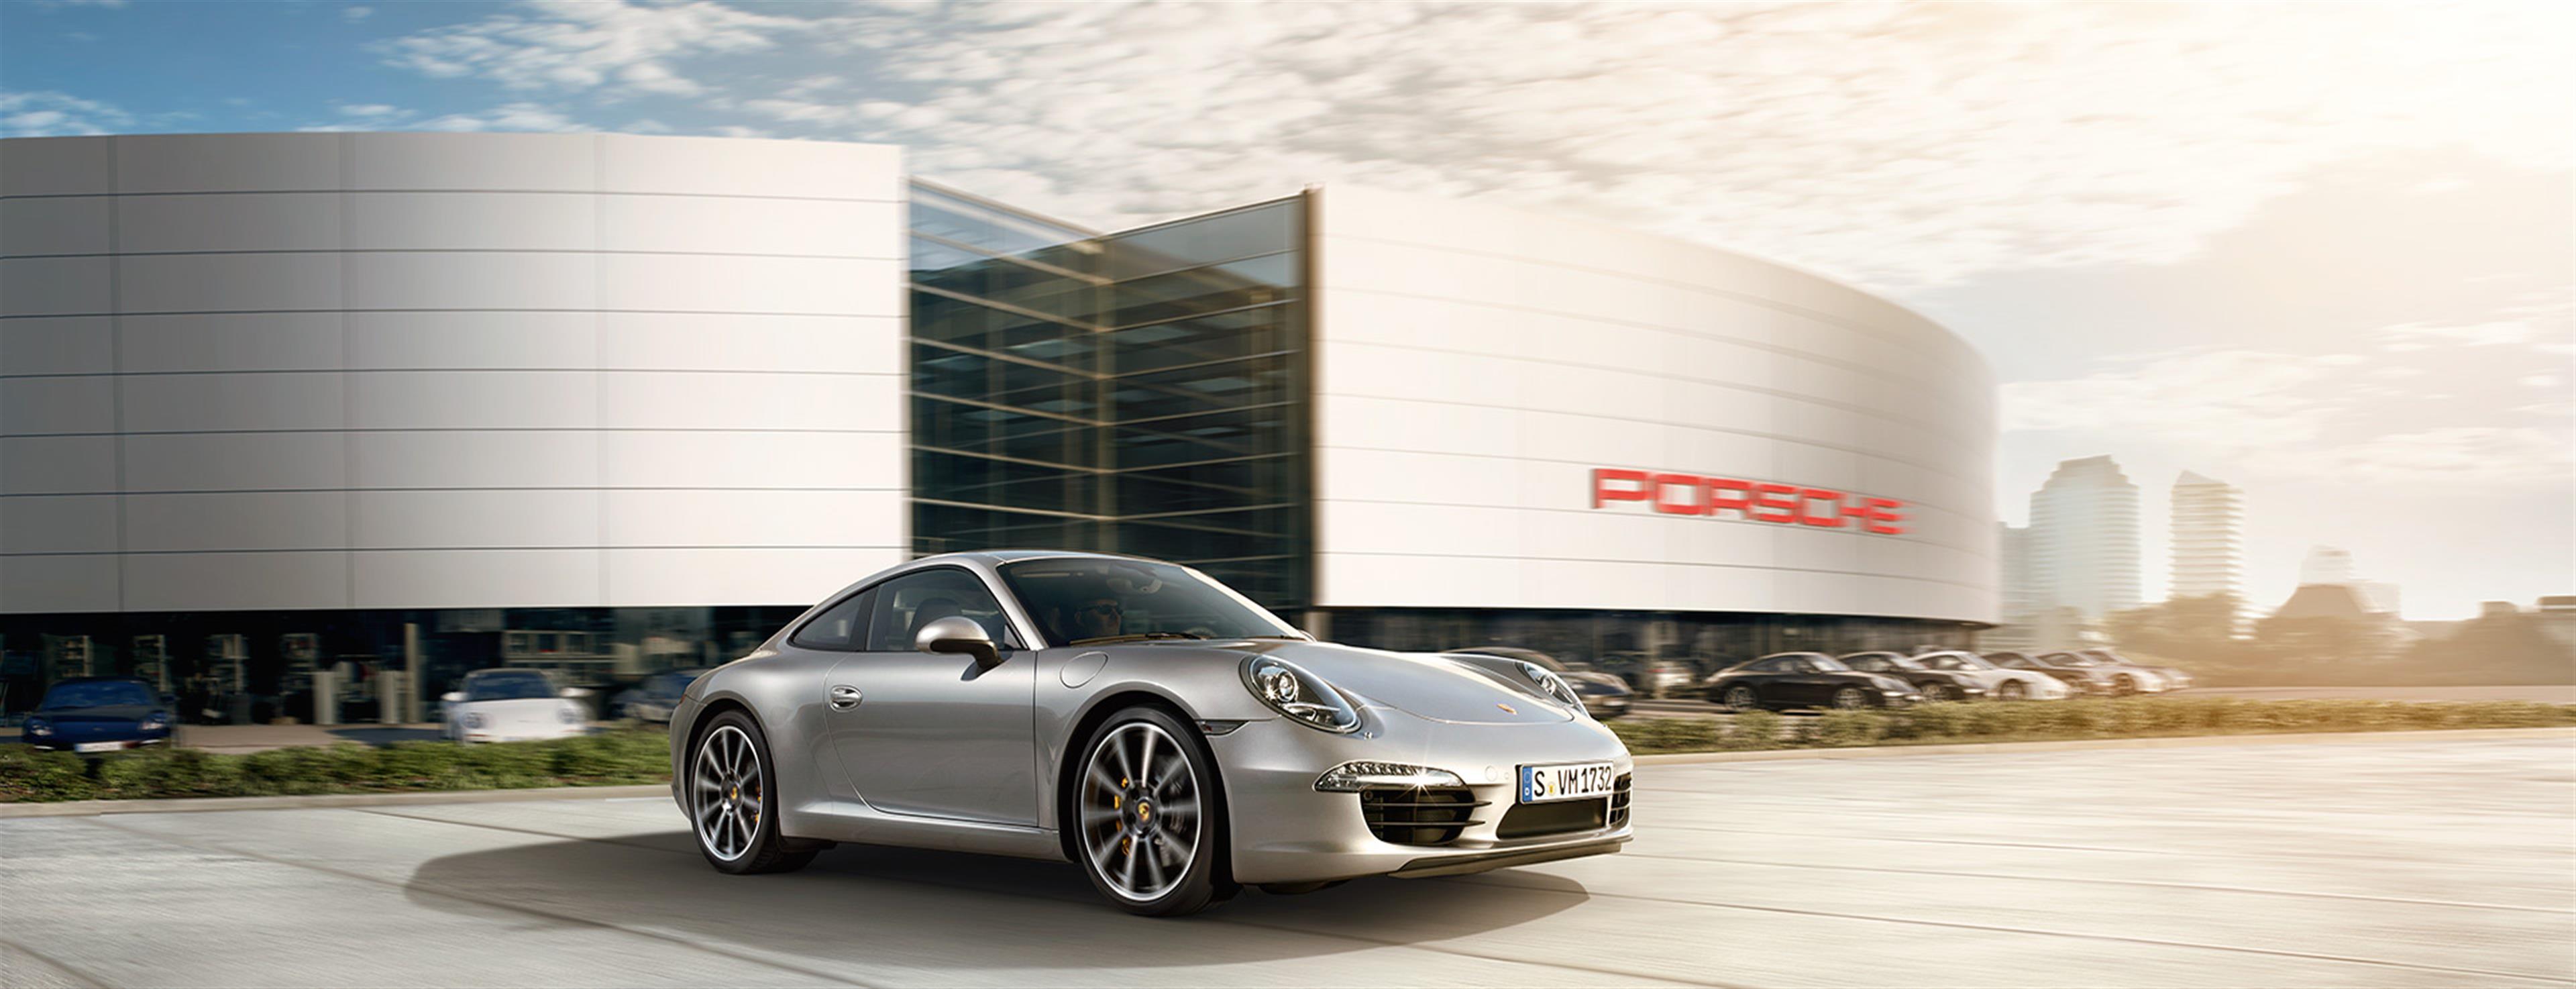 Porsche - Porsche Araç Bulucu